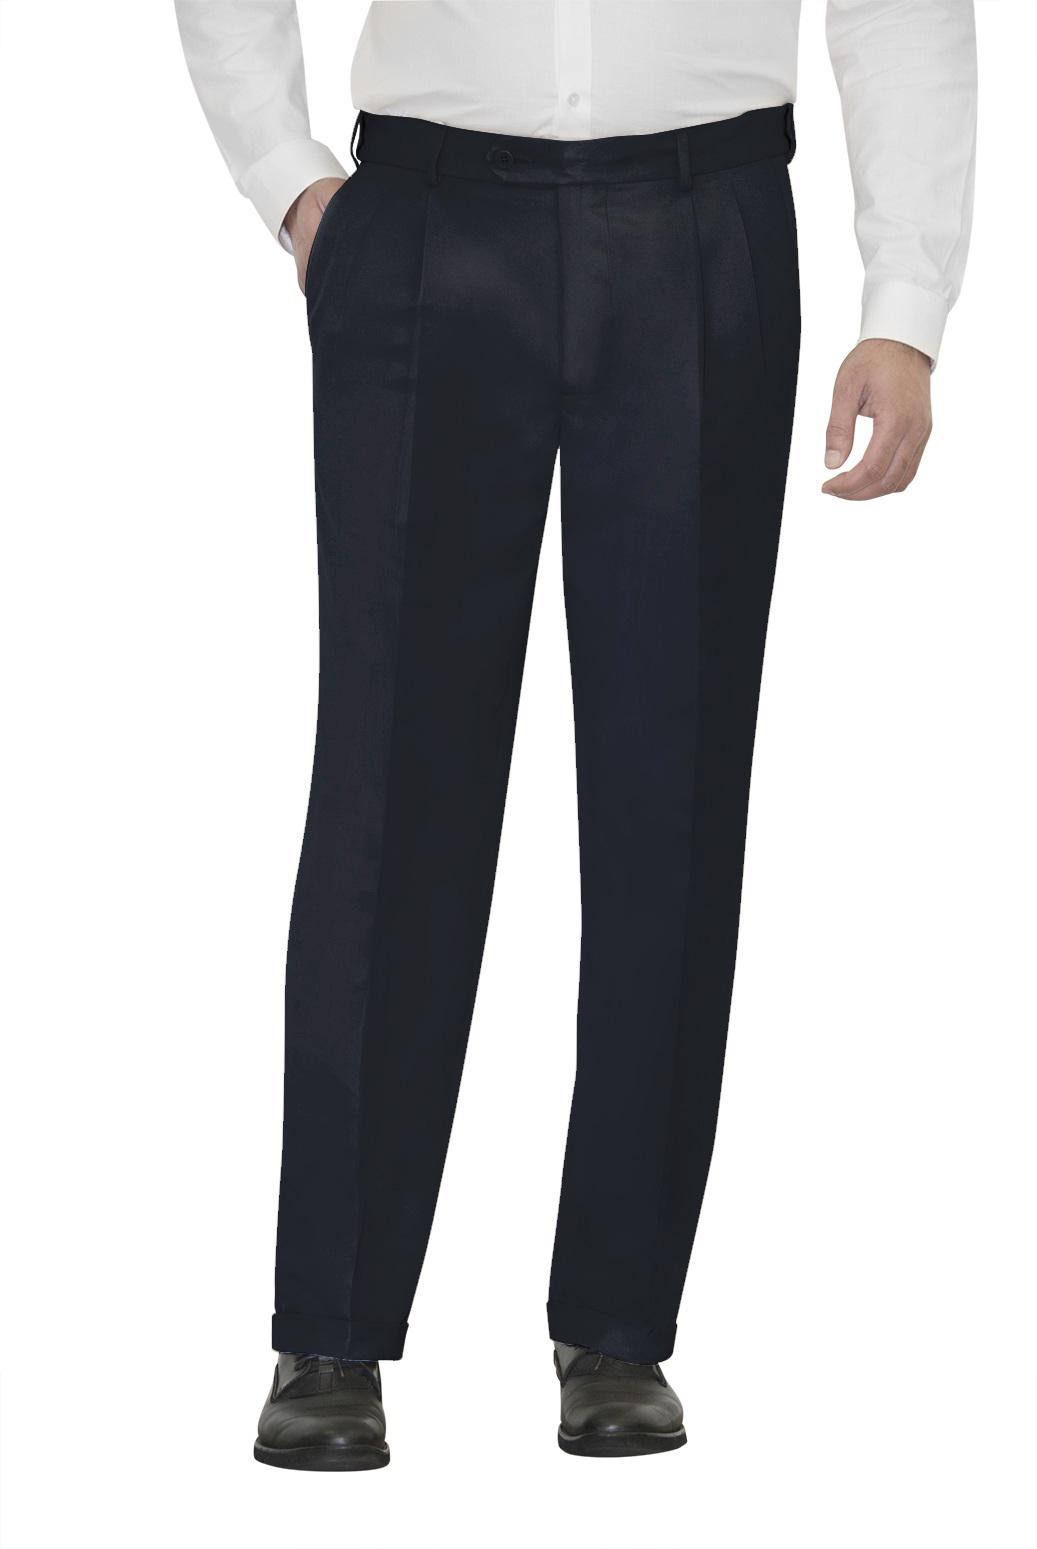 Black Mens Dress Pants Walmart Com